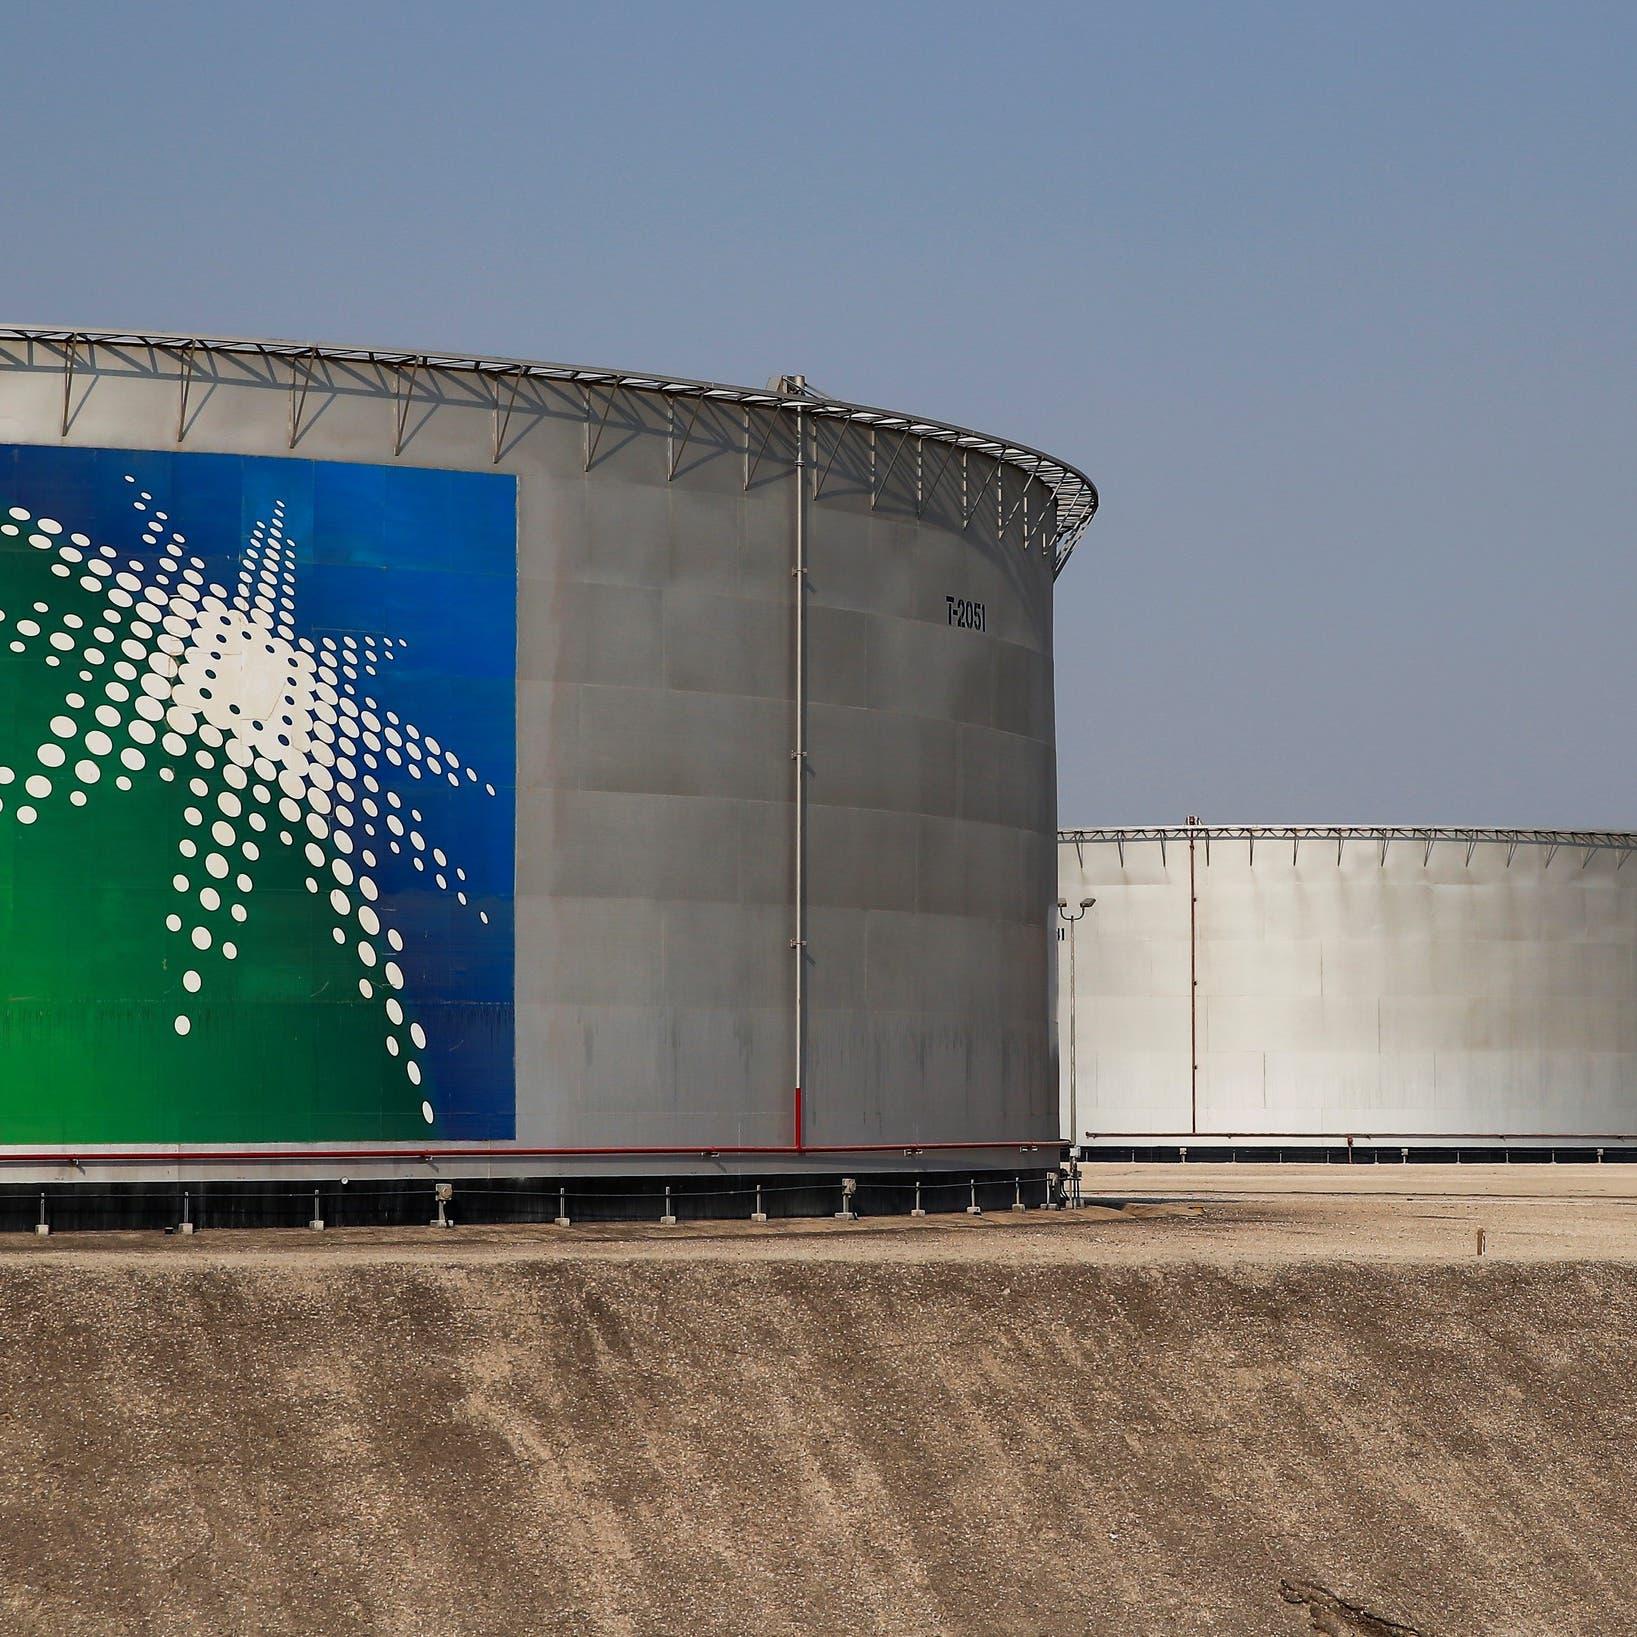 أرامكو تمنح 8 شركات اتفاقيات طويلة الأجل لتطوير مشاريع نفط وغاز